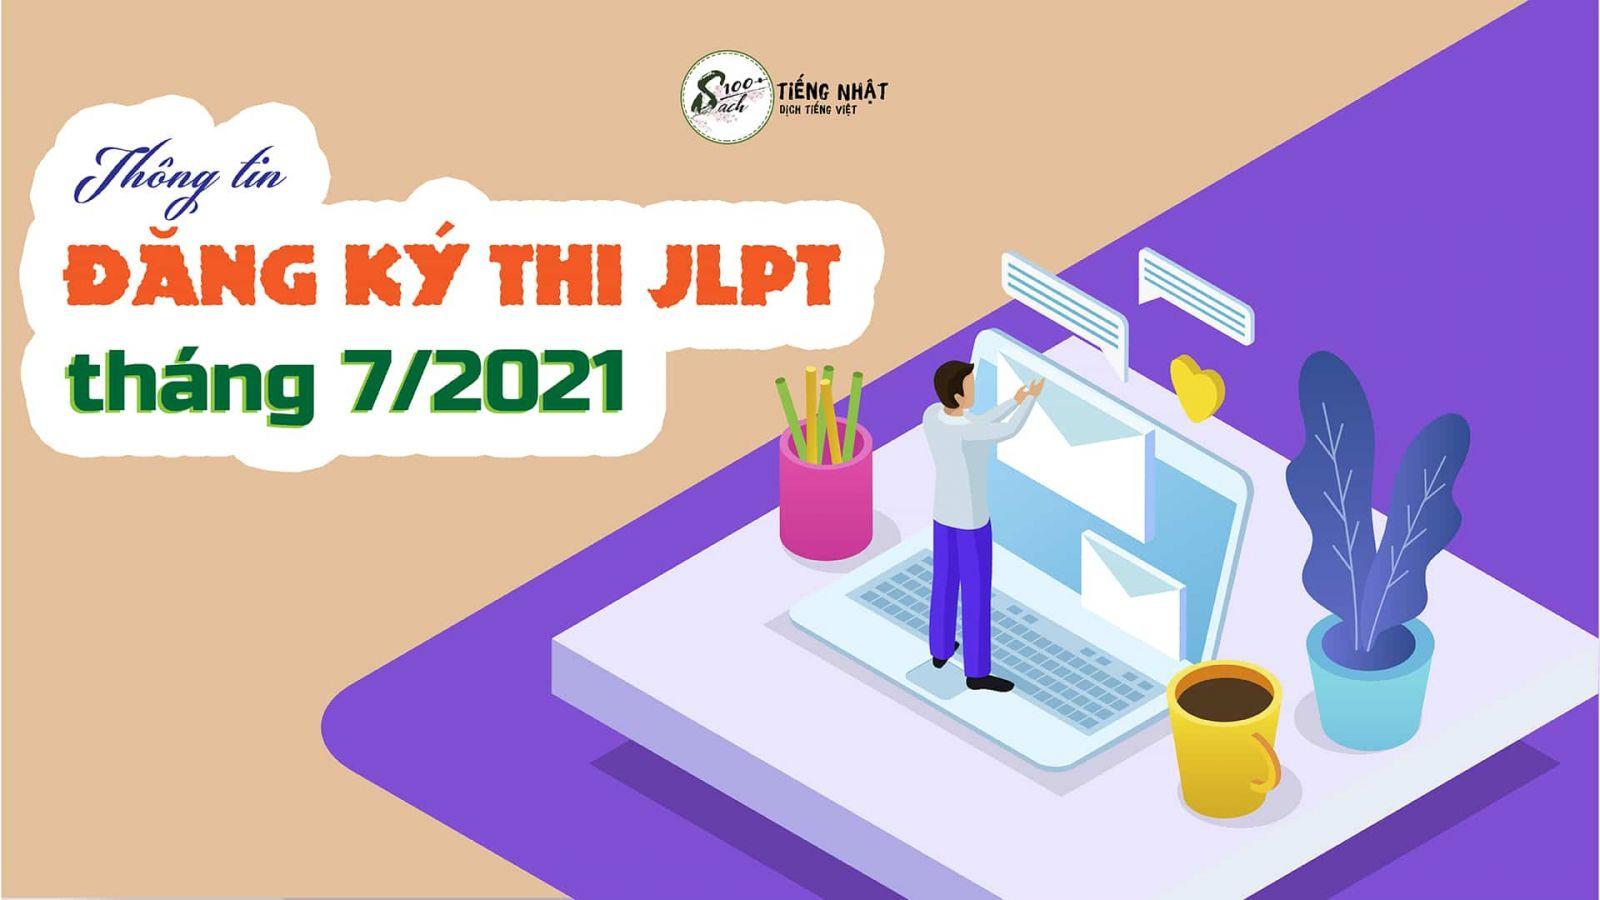 đăng ký dự thi jlpt